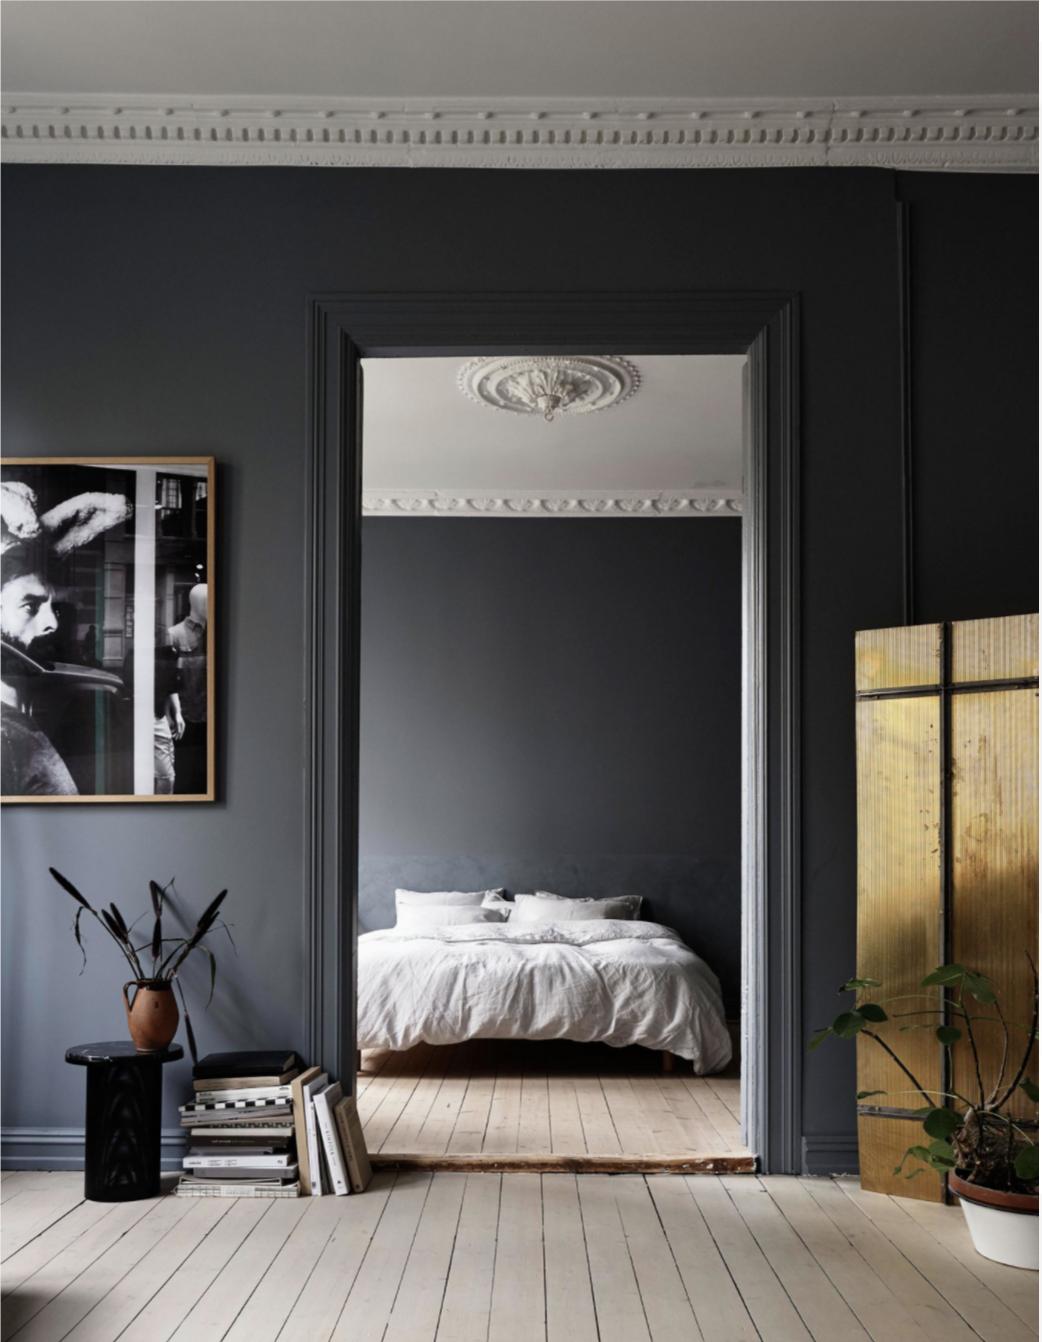 Inredning inspiration inredning sovrum : Inredningstips & inspiration för ditt sovrum - Hemtrender.se